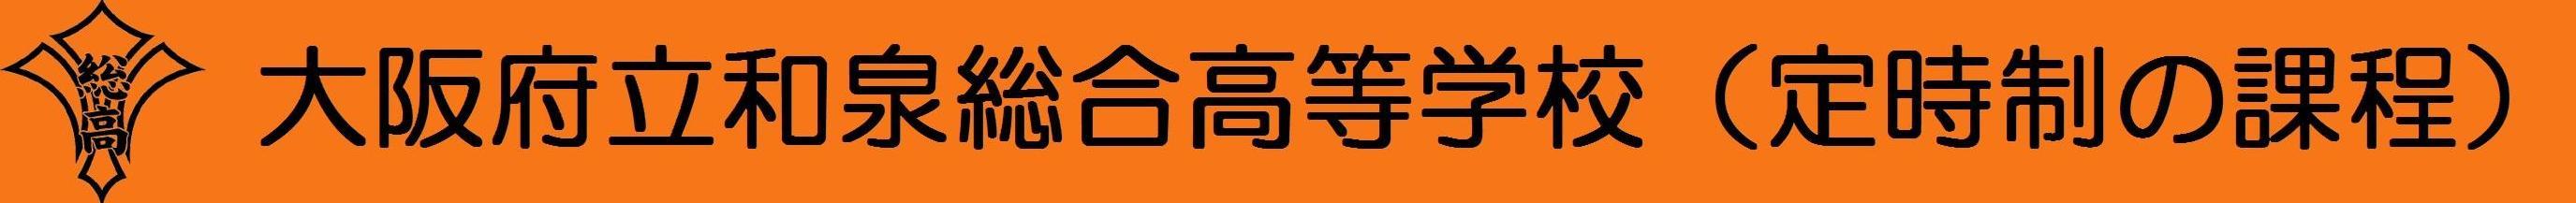 大阪府立和泉総合高等学校 定時制の課程